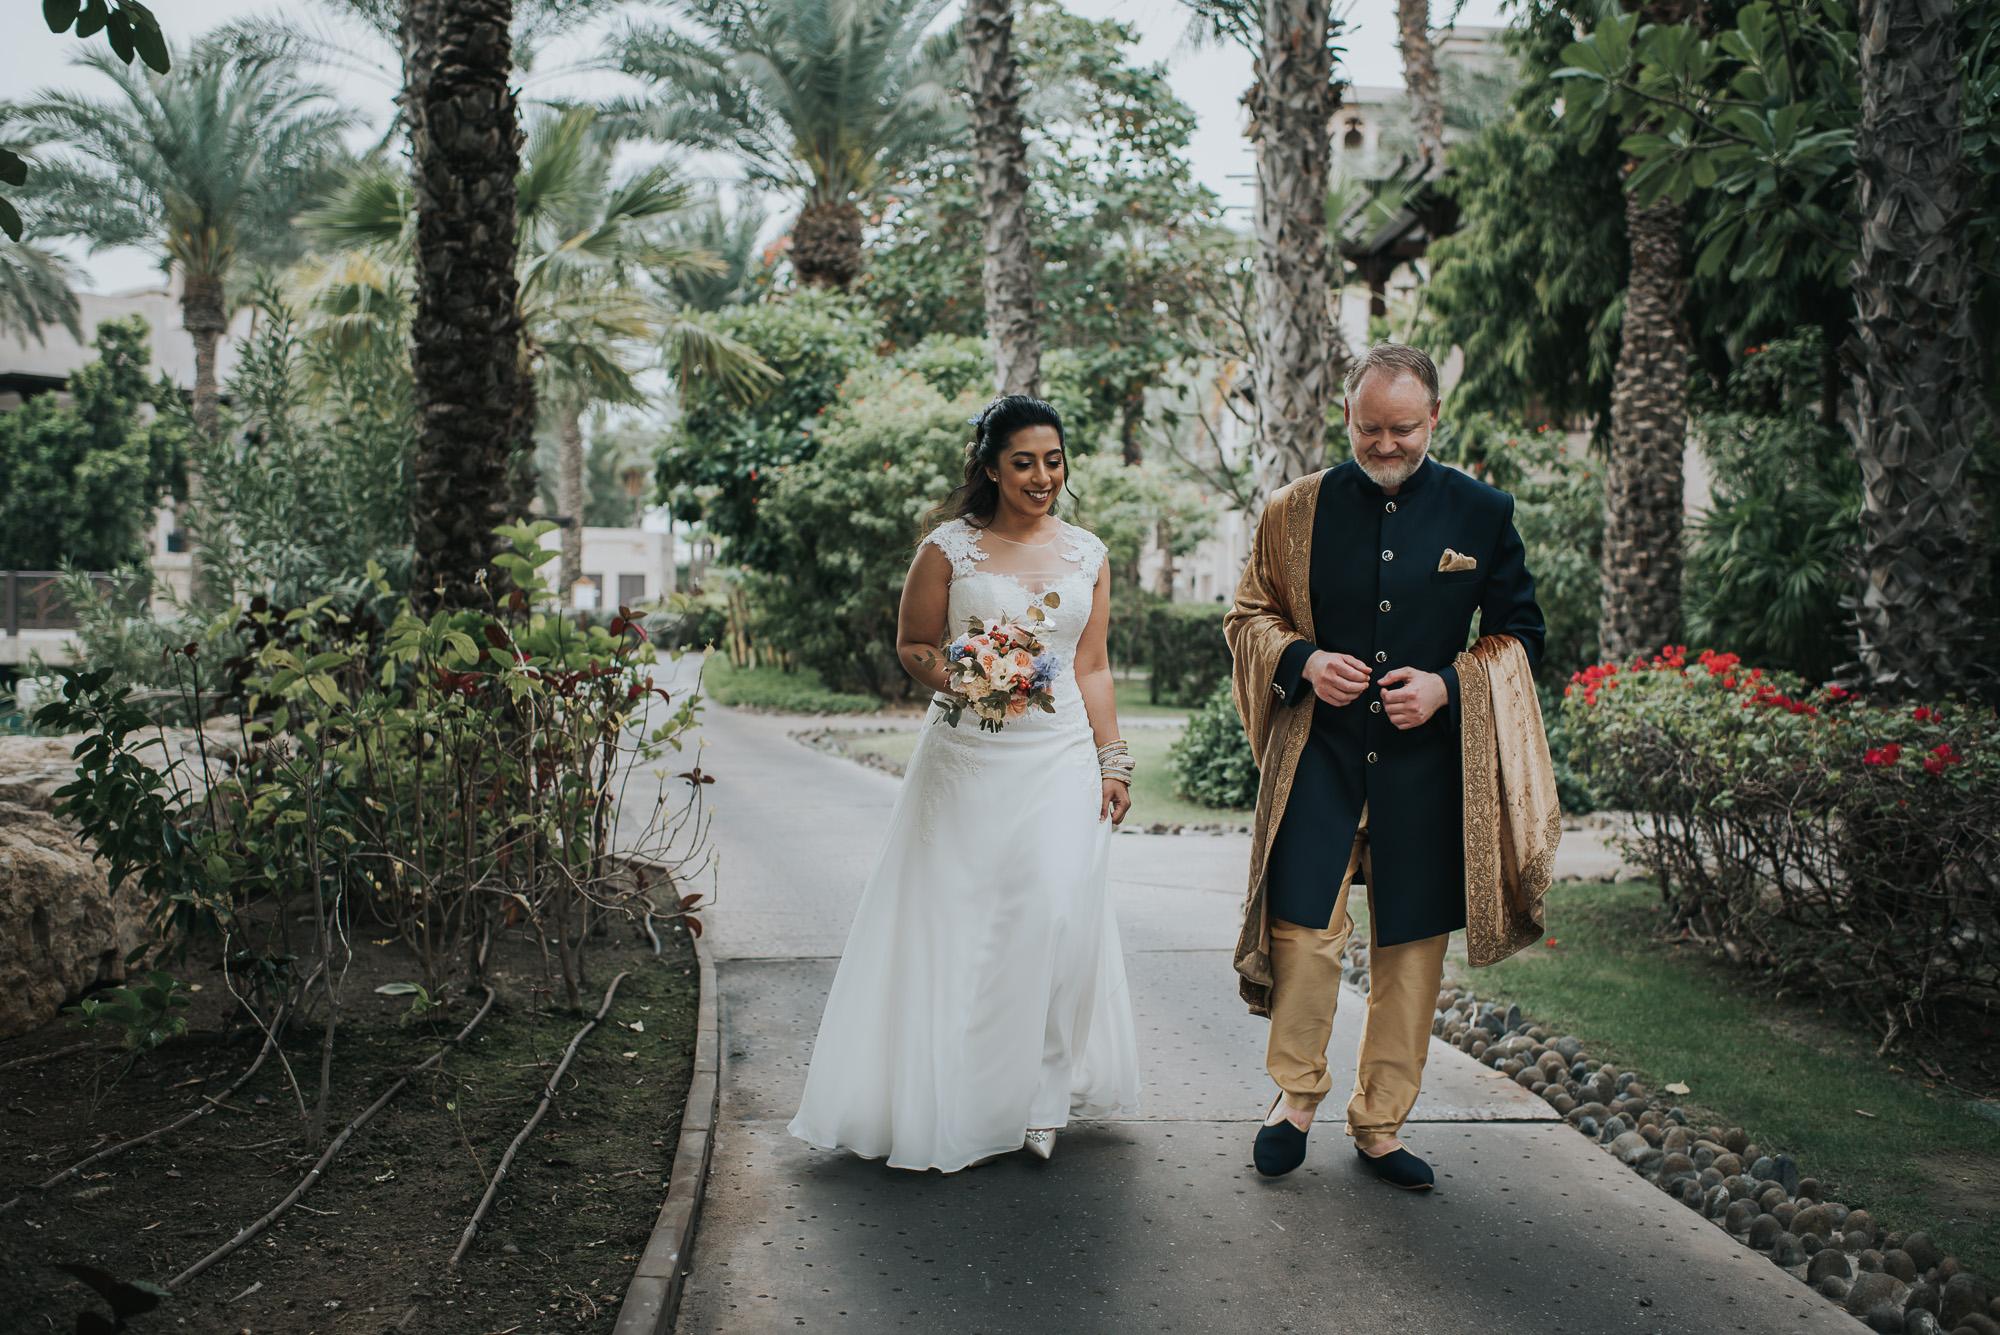 madinat jumeirah dubai wedding photographer  destination wedding photography (6 of 52).jpg